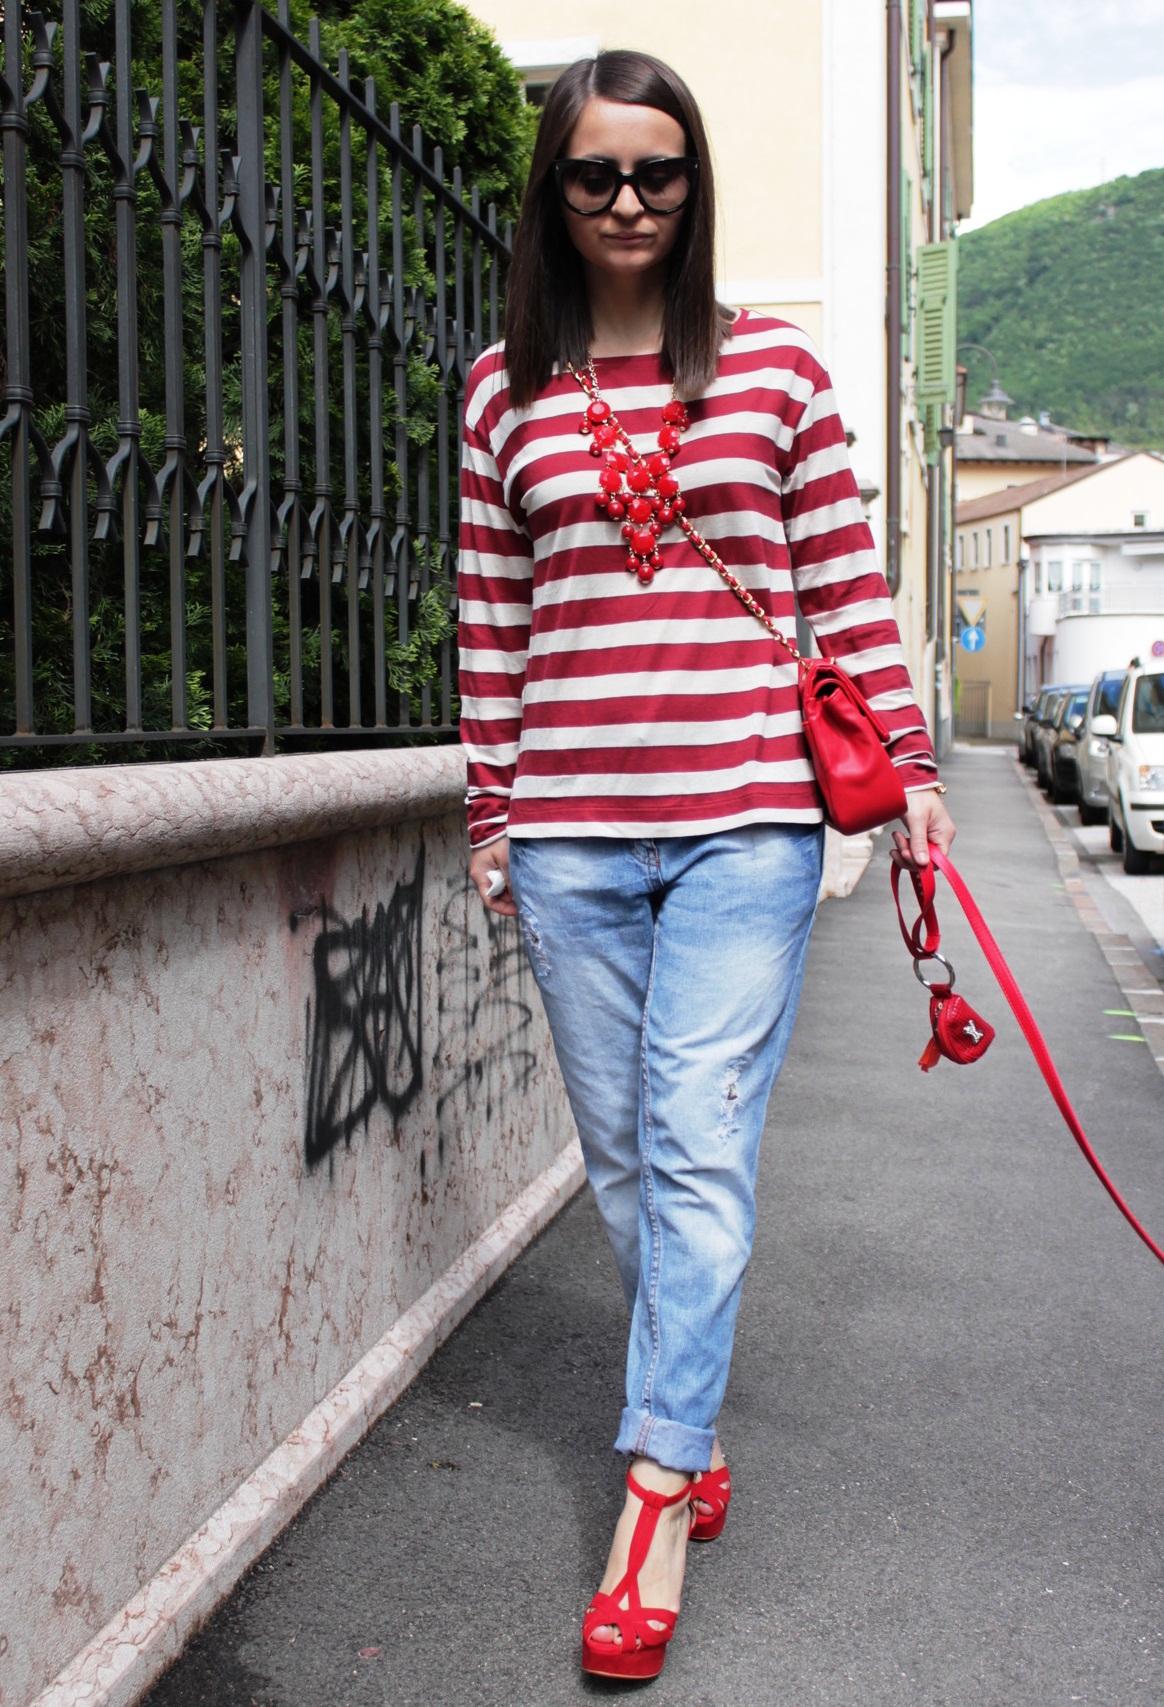 Красные босоножки с джинсами и полосатой кофтой